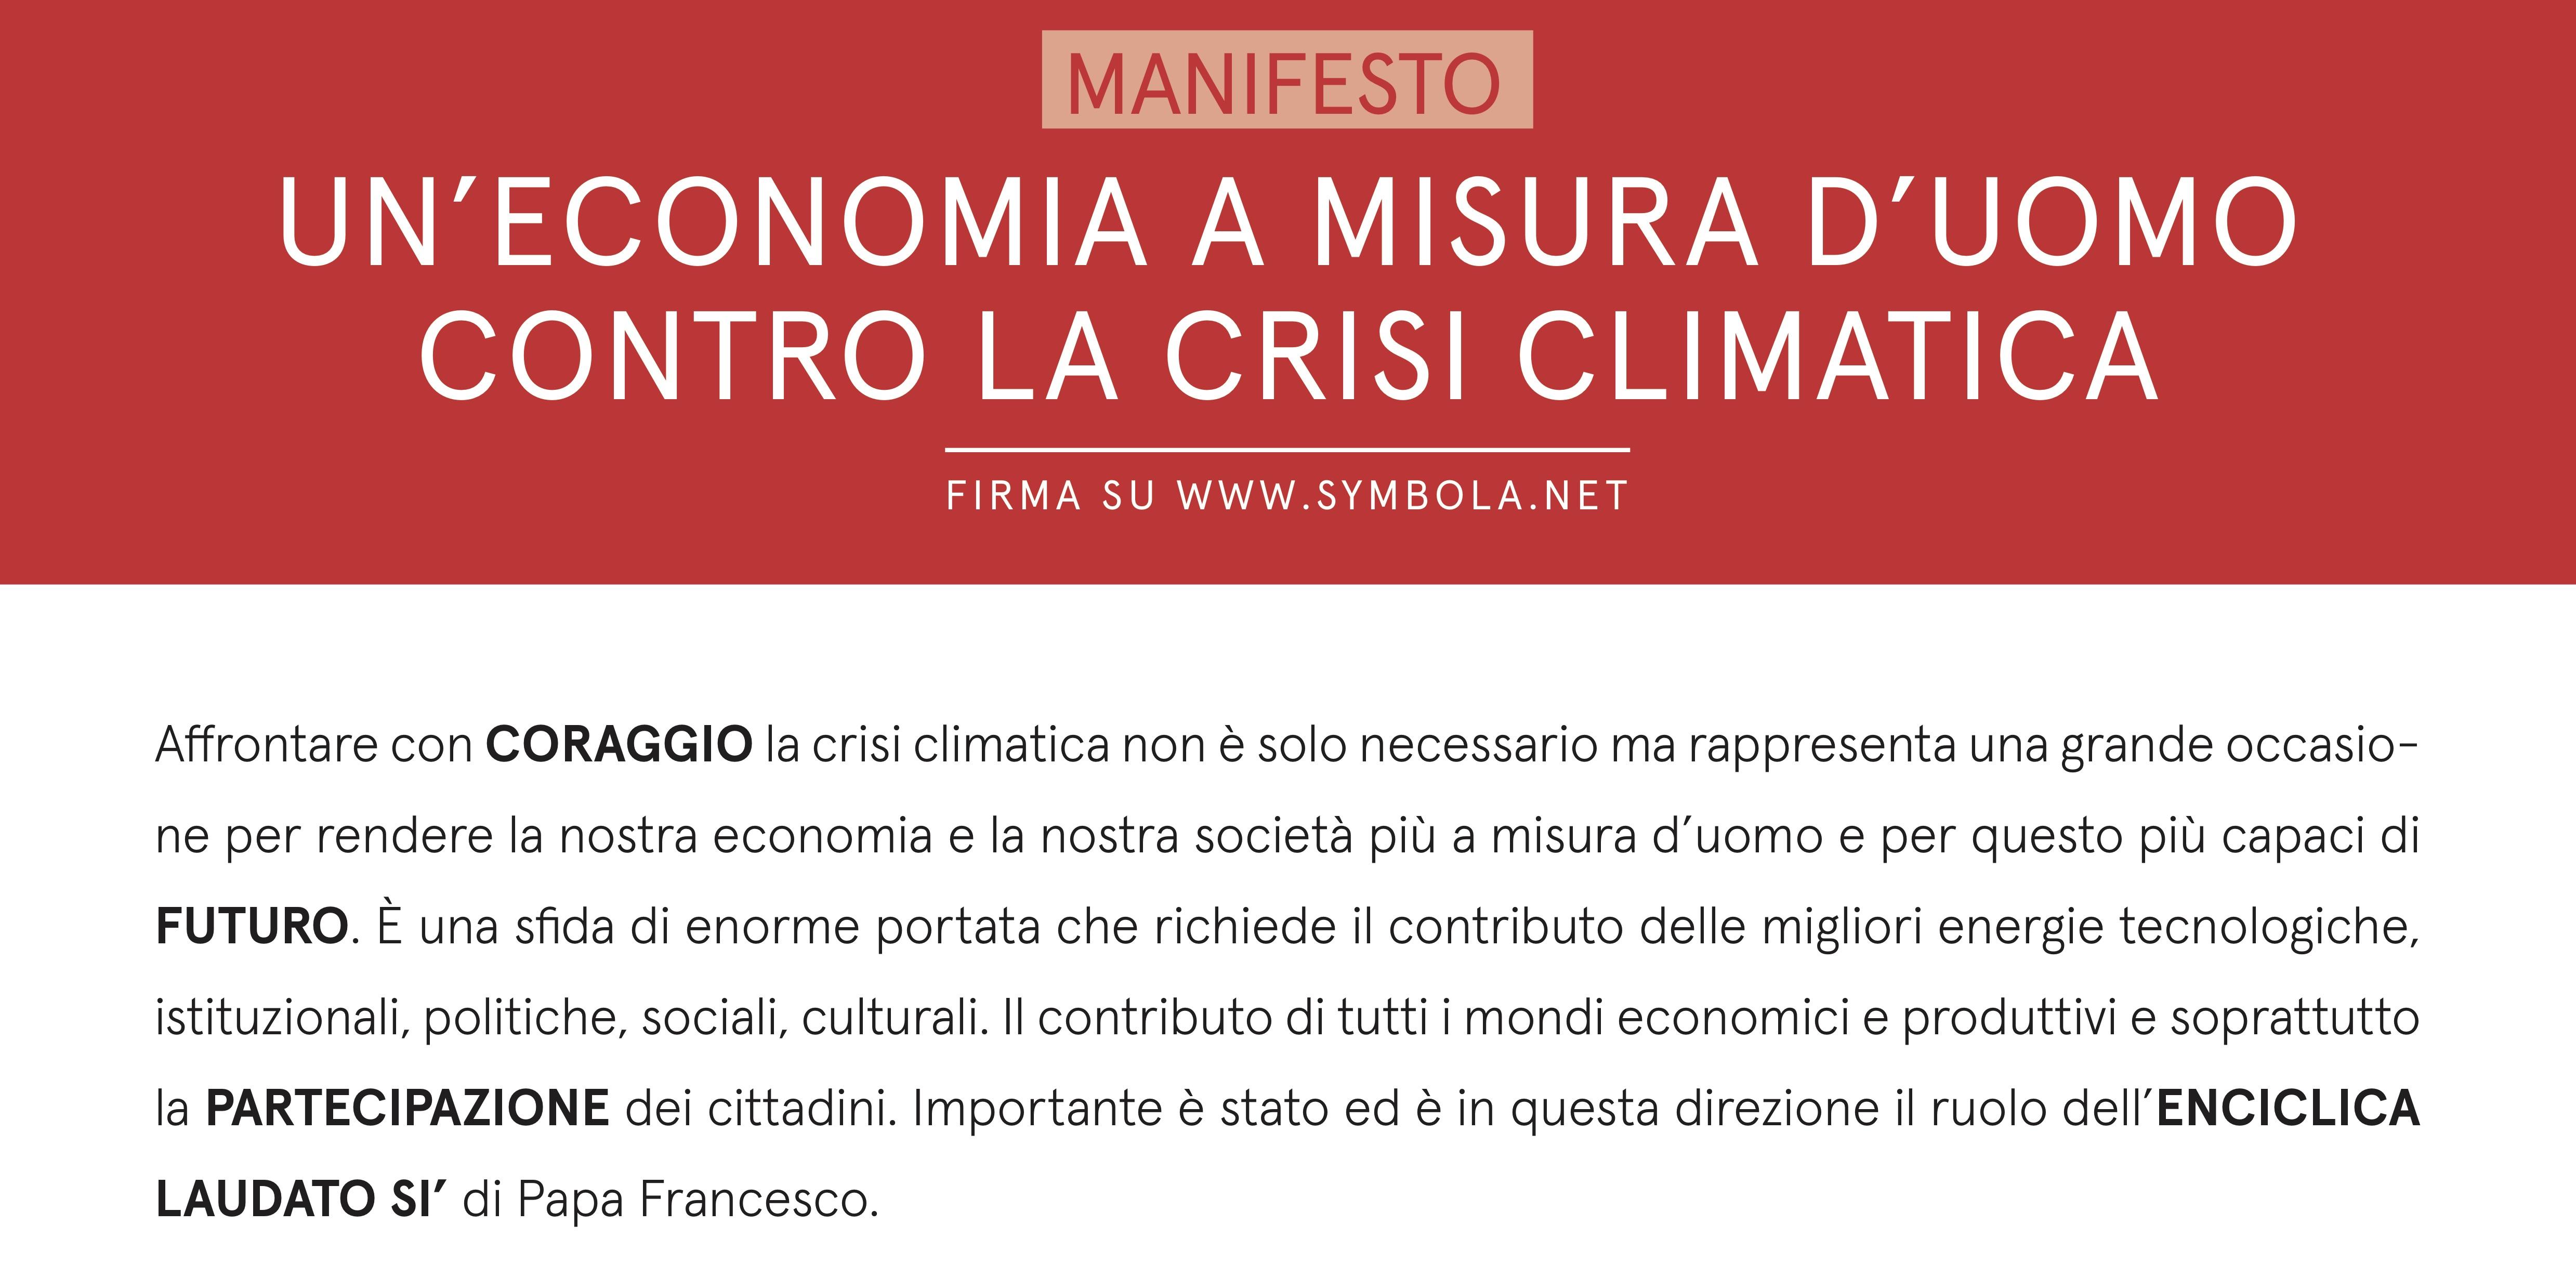 MANIFESTO: UN'ECONOMIA A MISURA D'UOMO CONTRO LA CRISI CLIMATICA